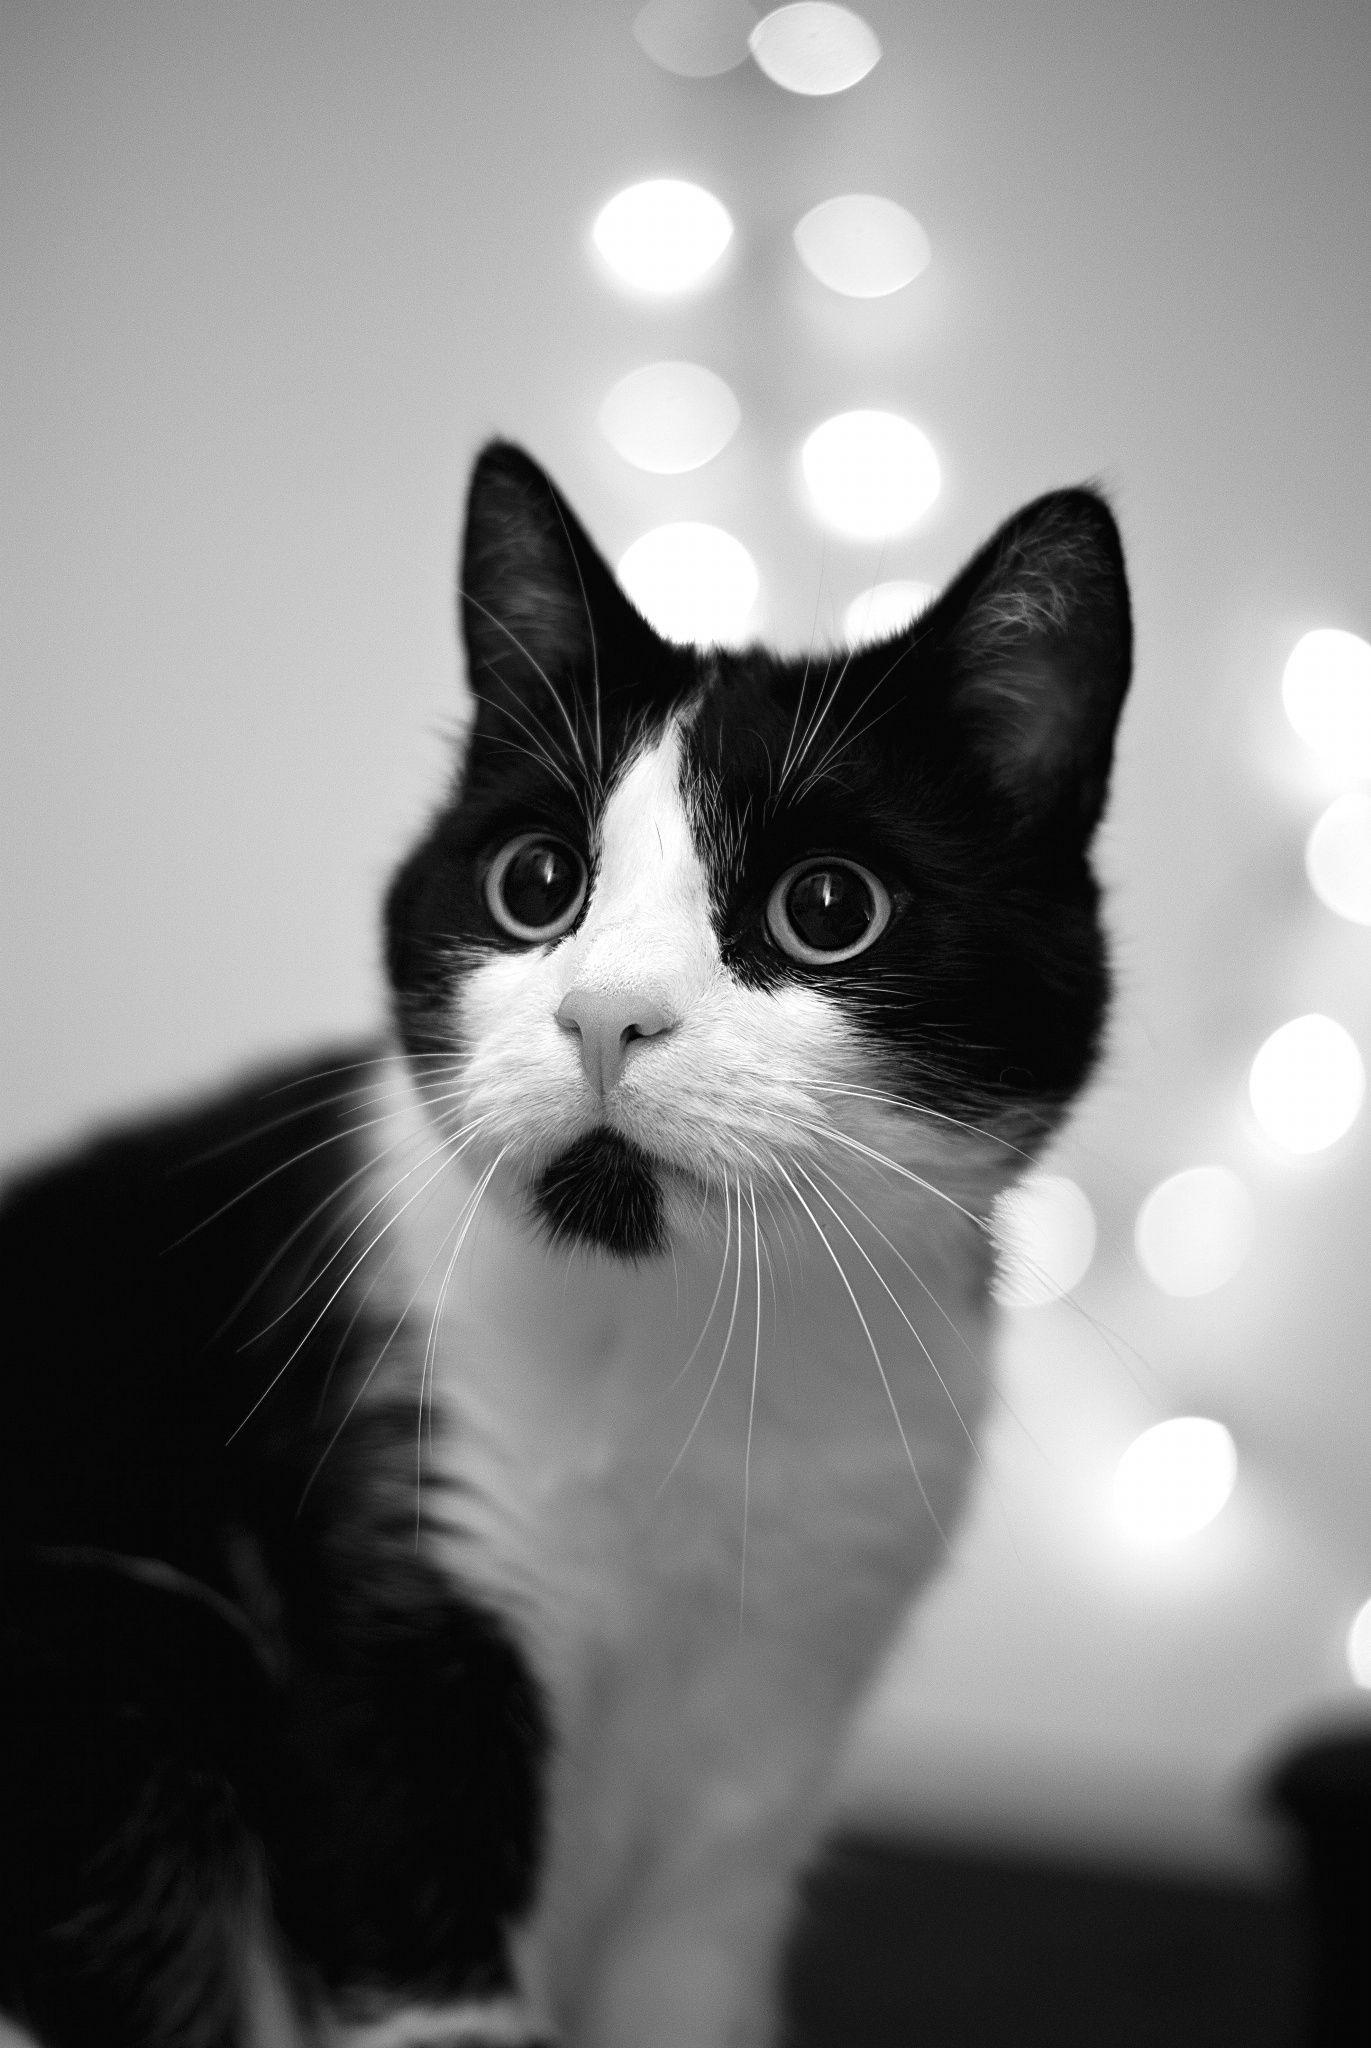 Pin Von Birgit Auf Katzen Schwarz Weiss Cats Black White Chats